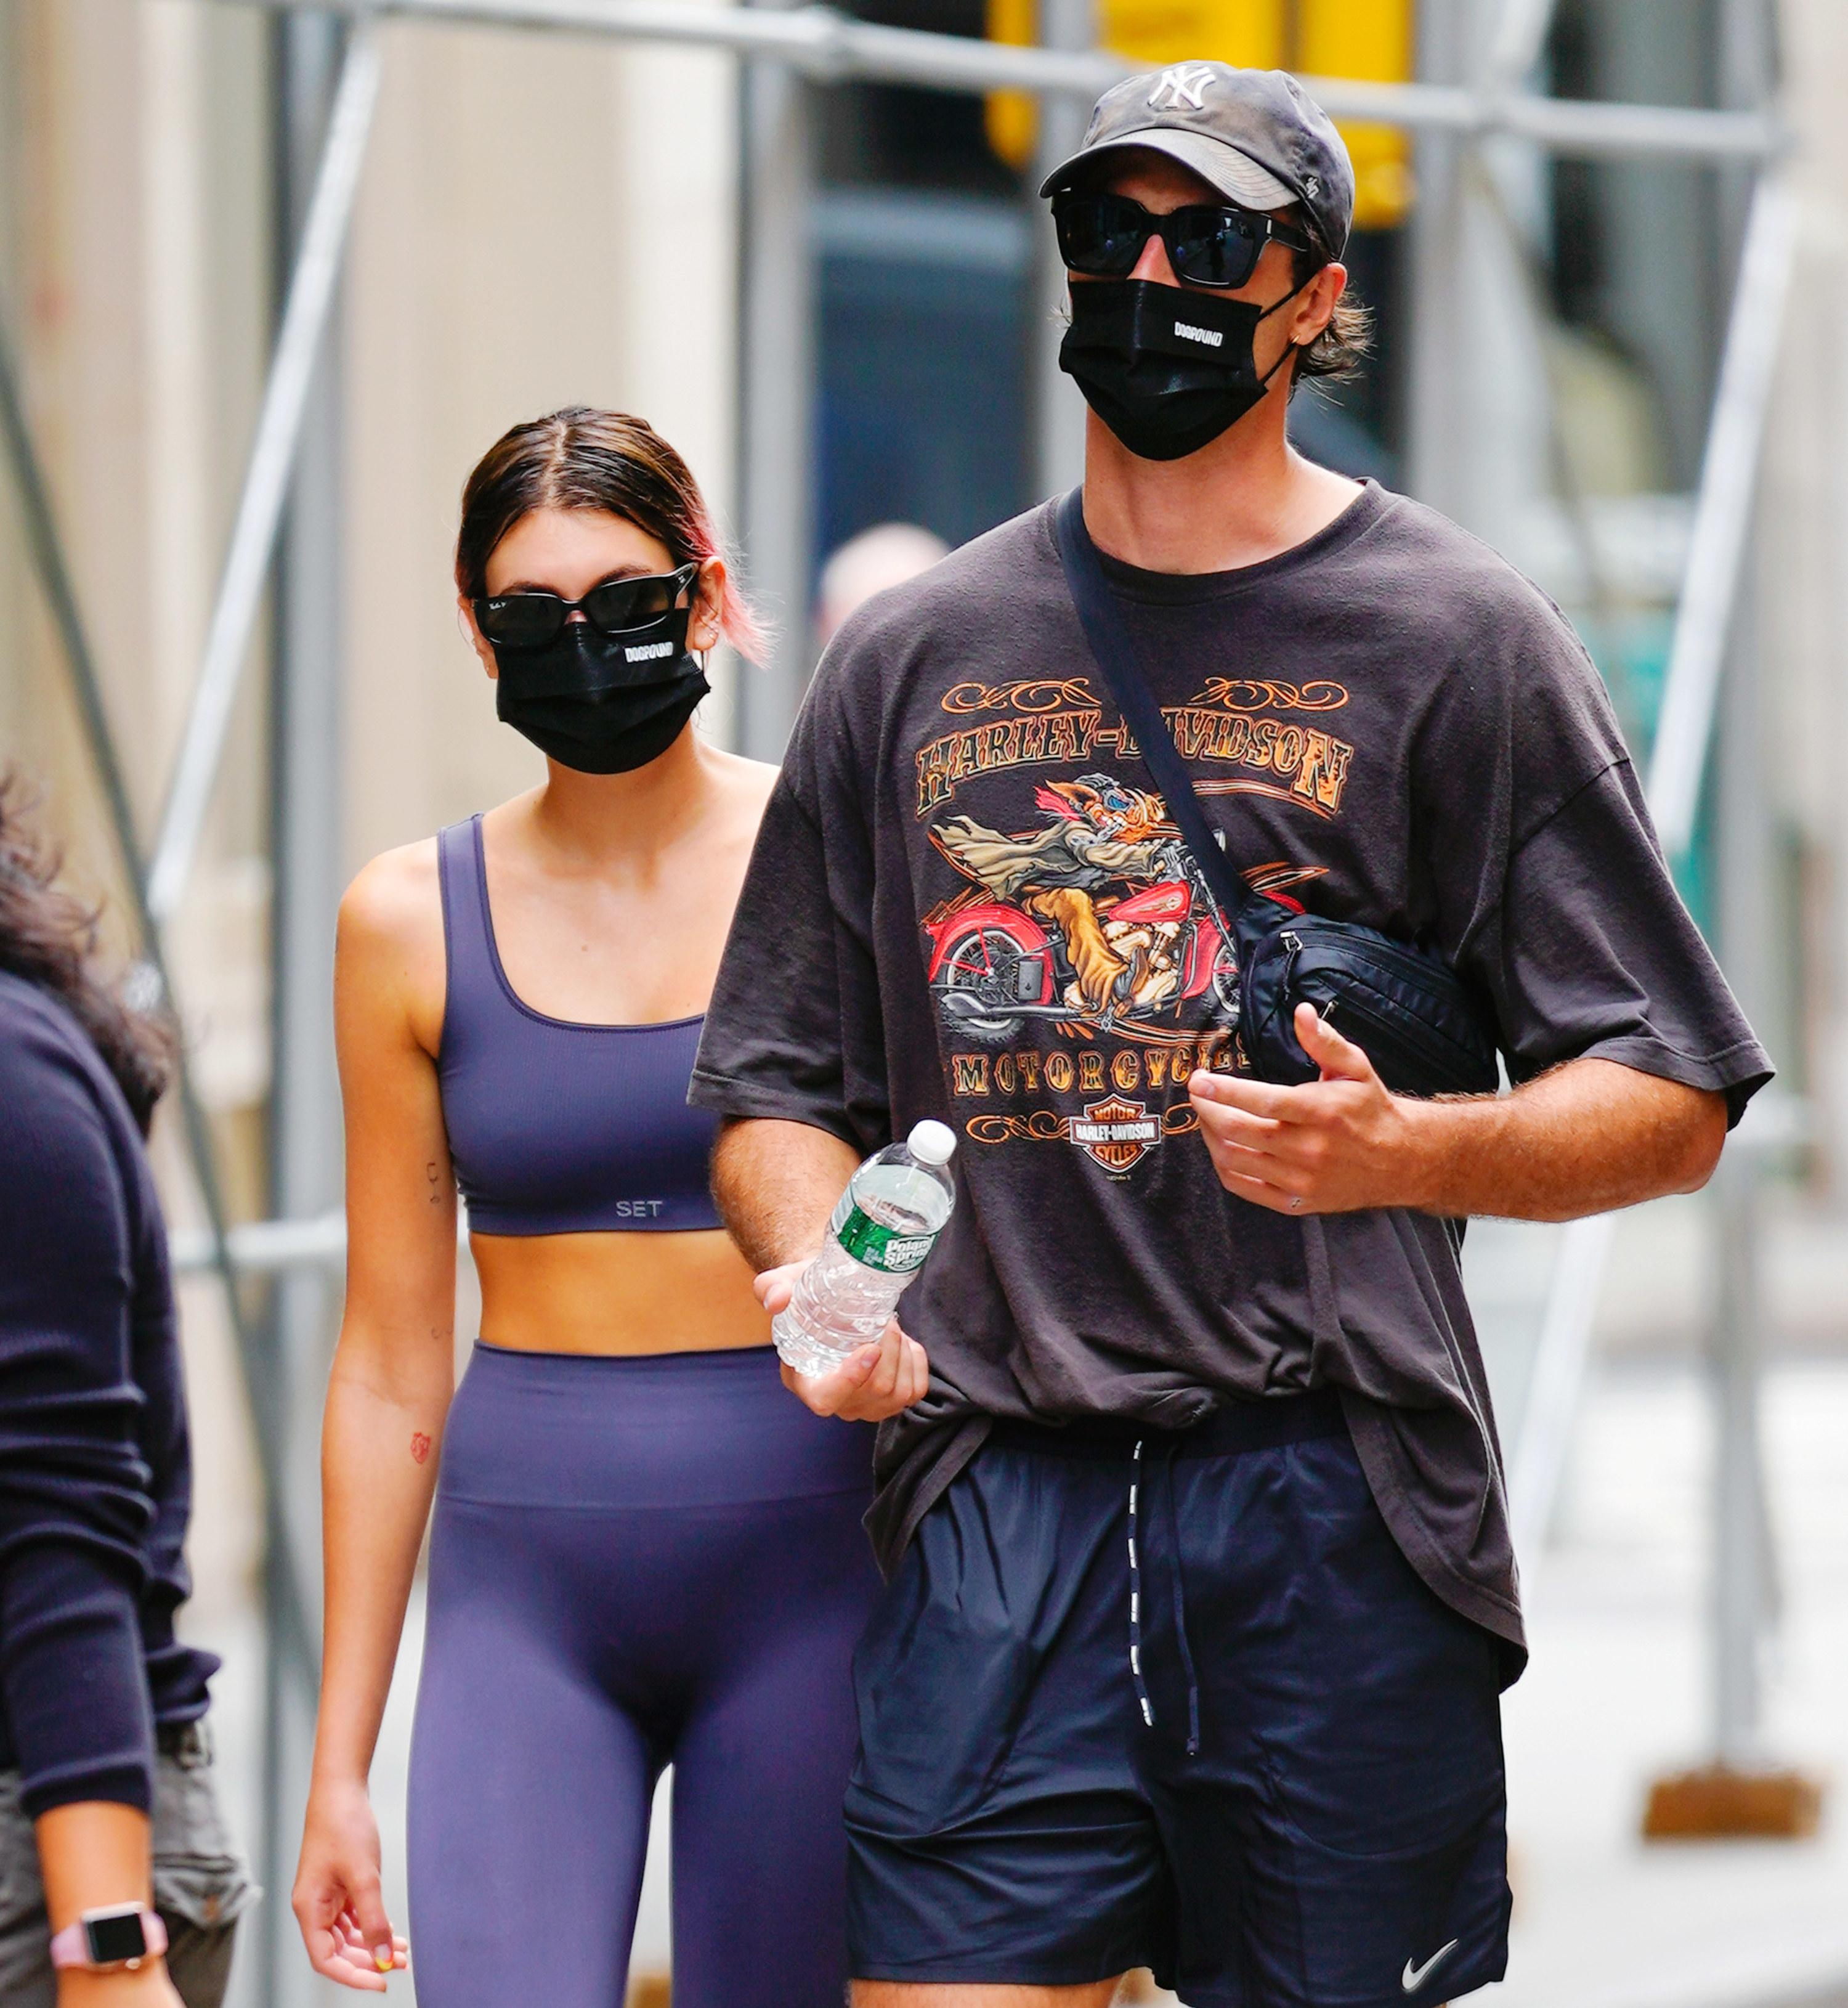 Kaia Gerber and Jacob Elordi leaving the gym